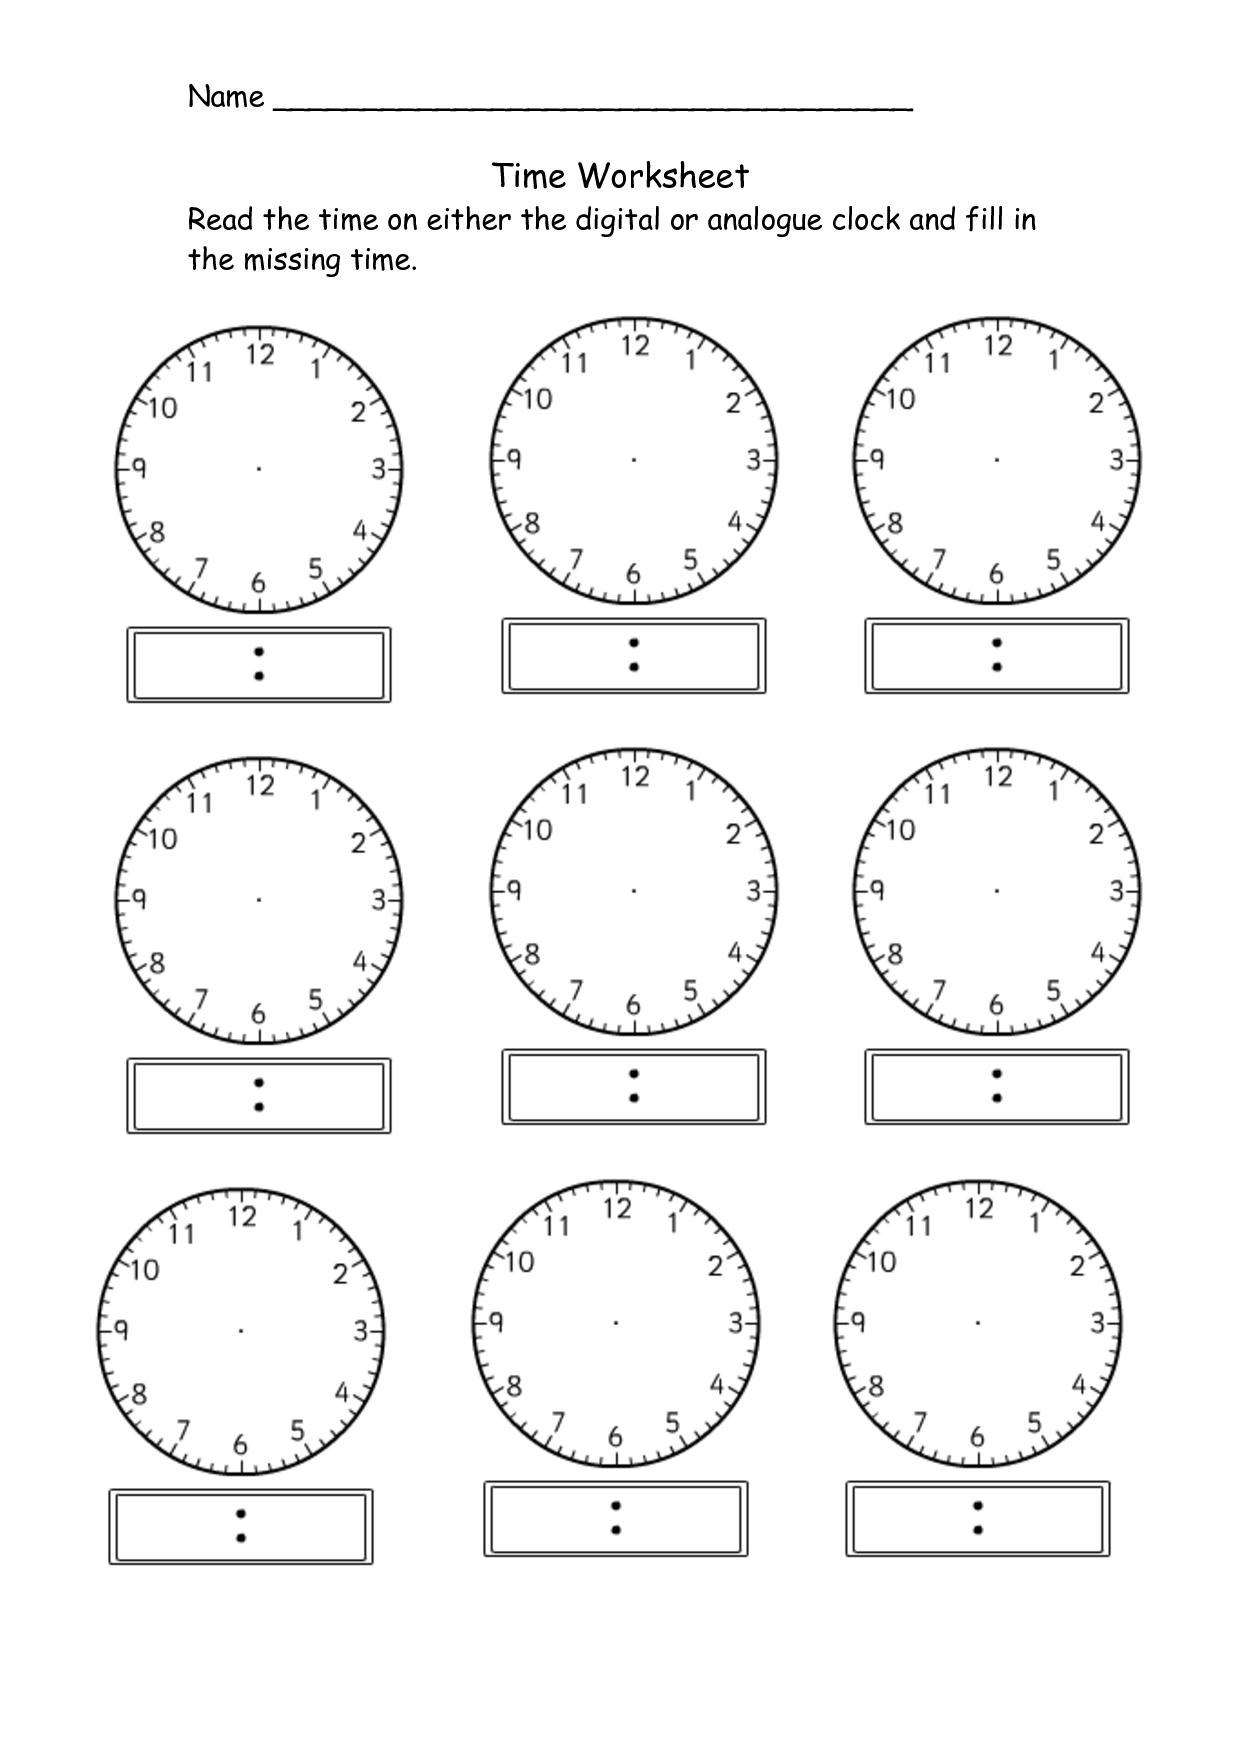 Time Worksheet Quarter And Half